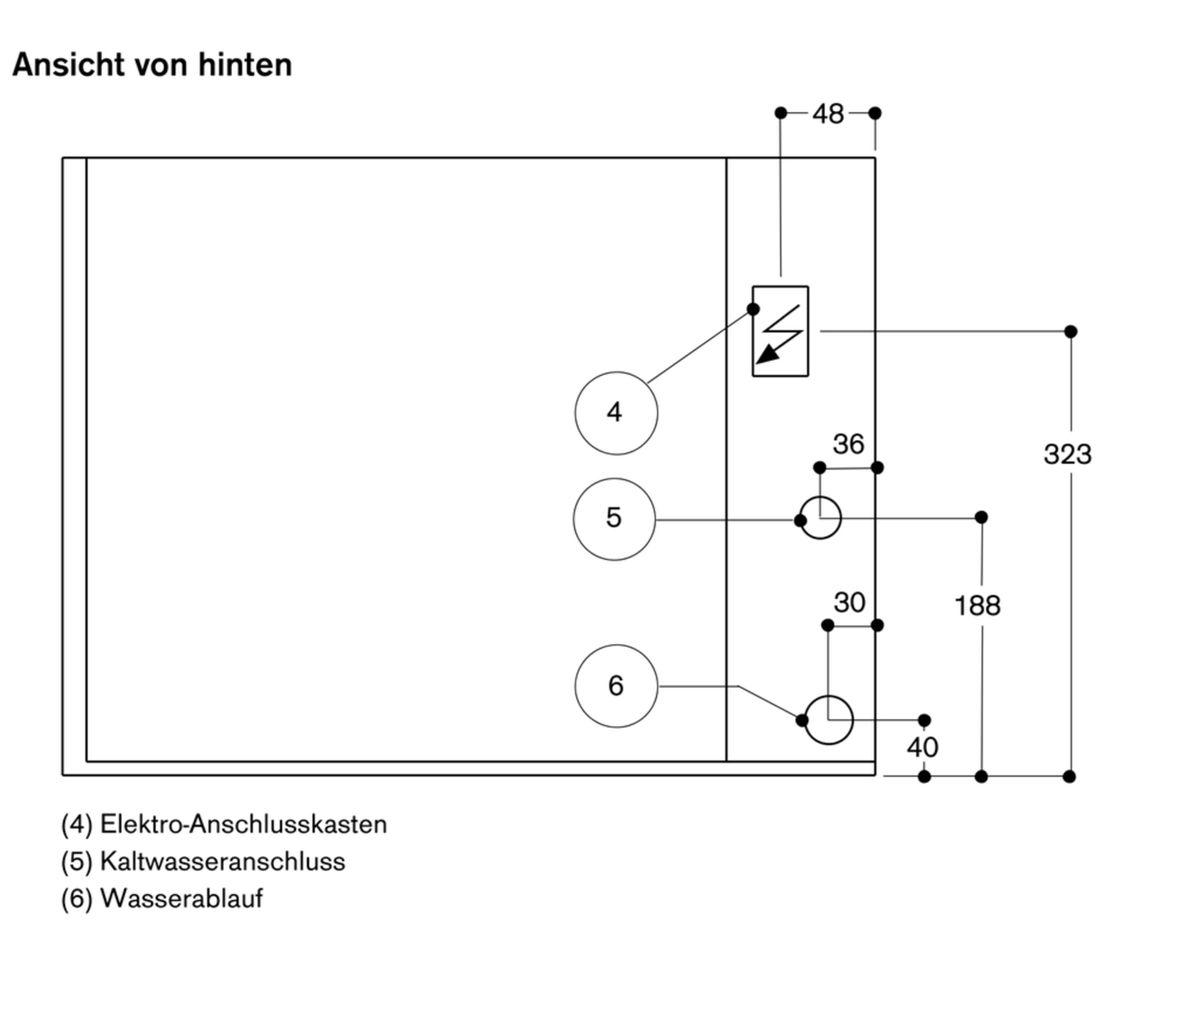 Gaggenau BS471111, Einbau-Kompaktdampfbackofen – Bild 7